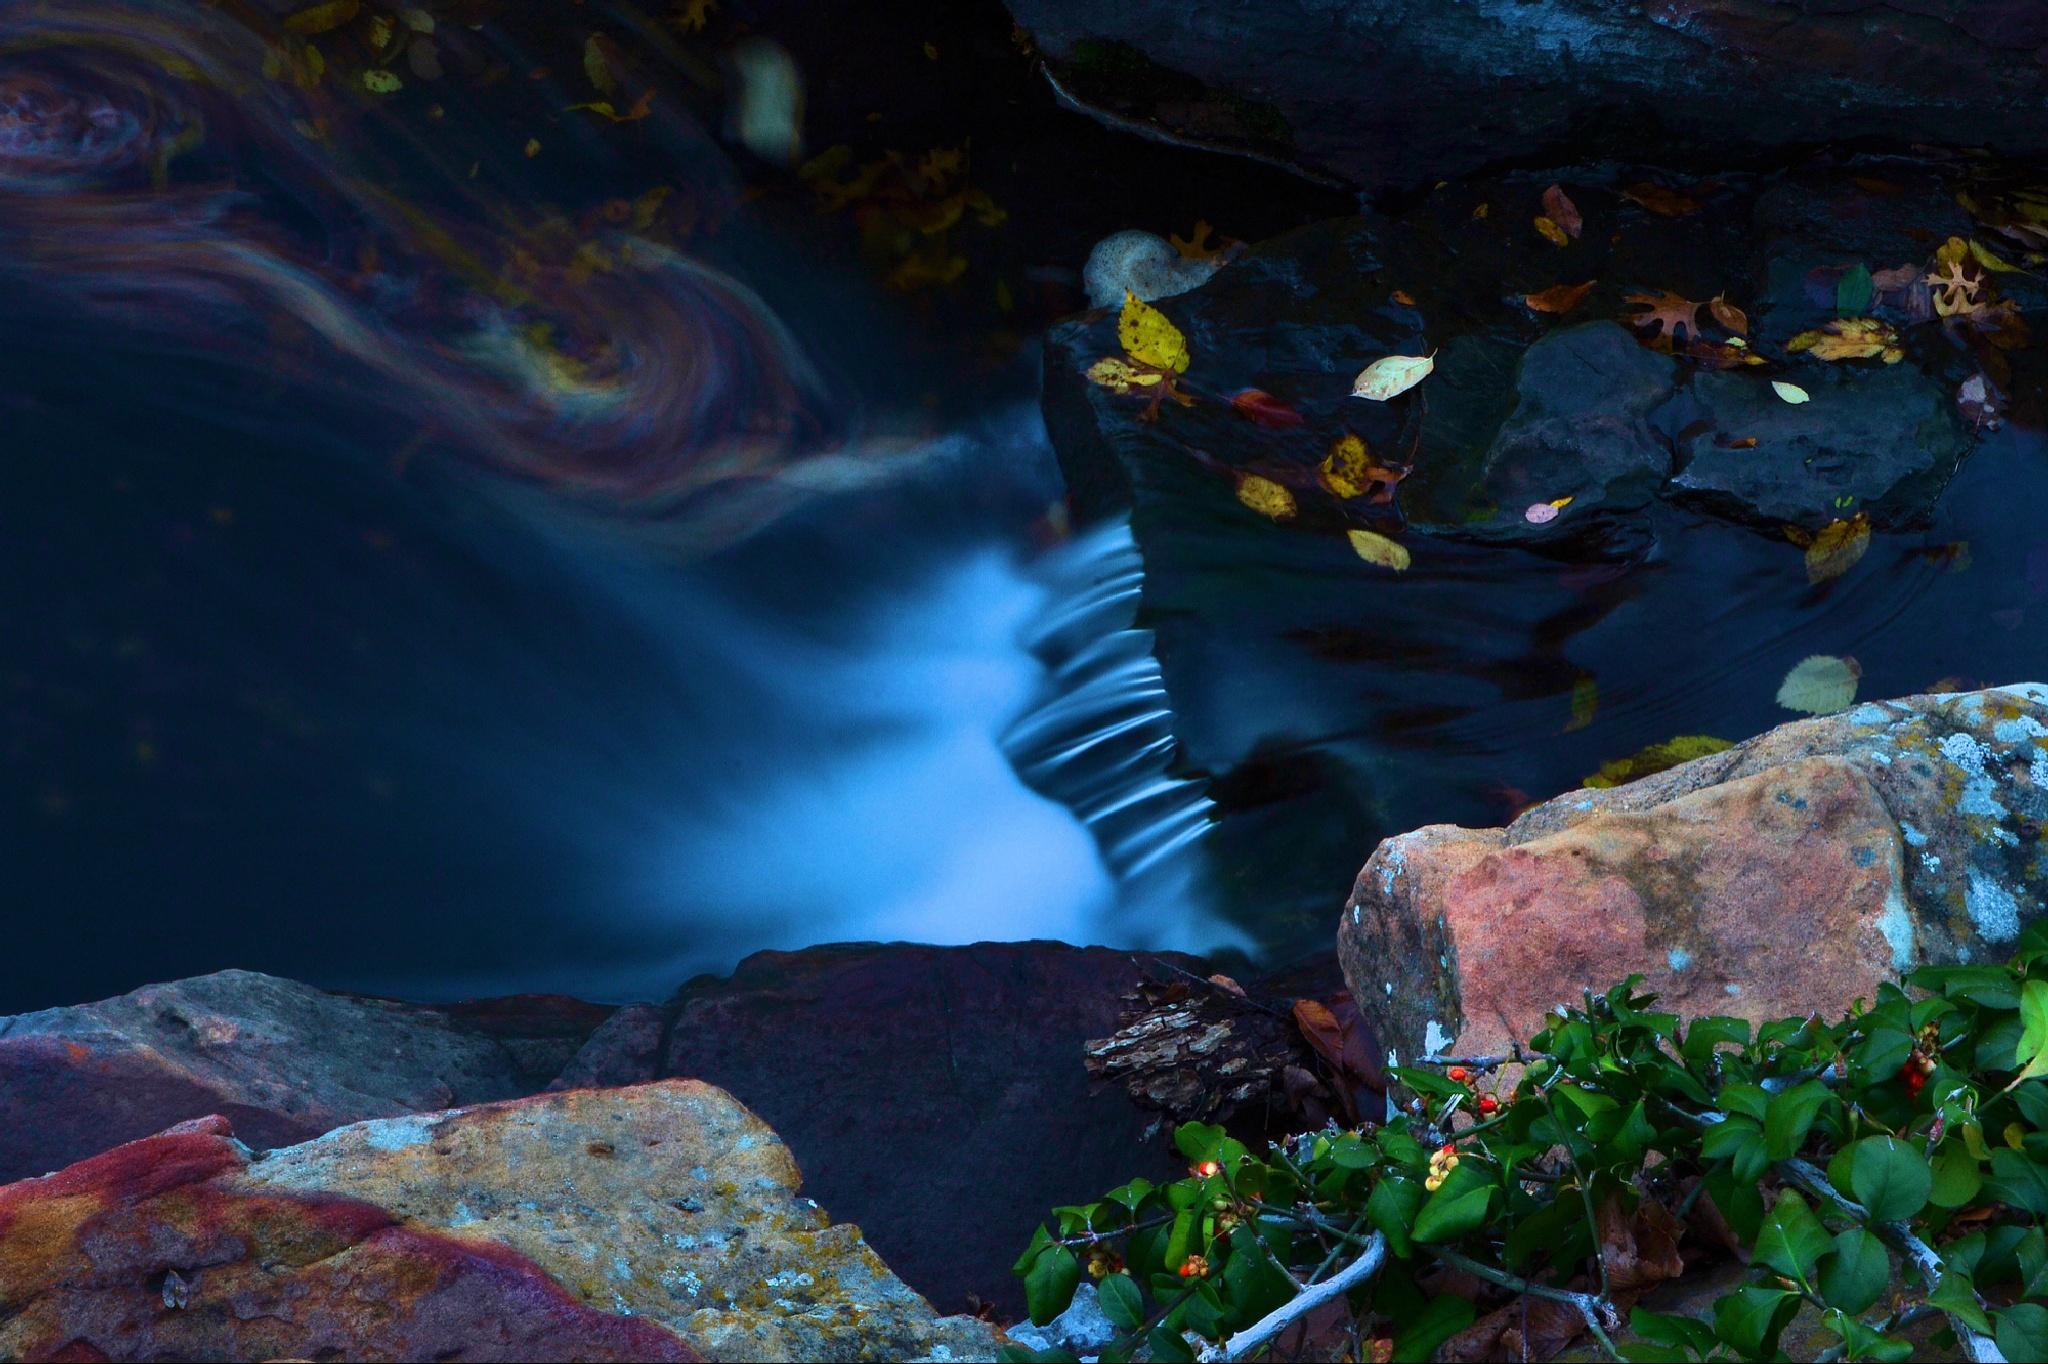 Go With The Flow by AdamKBuchanan